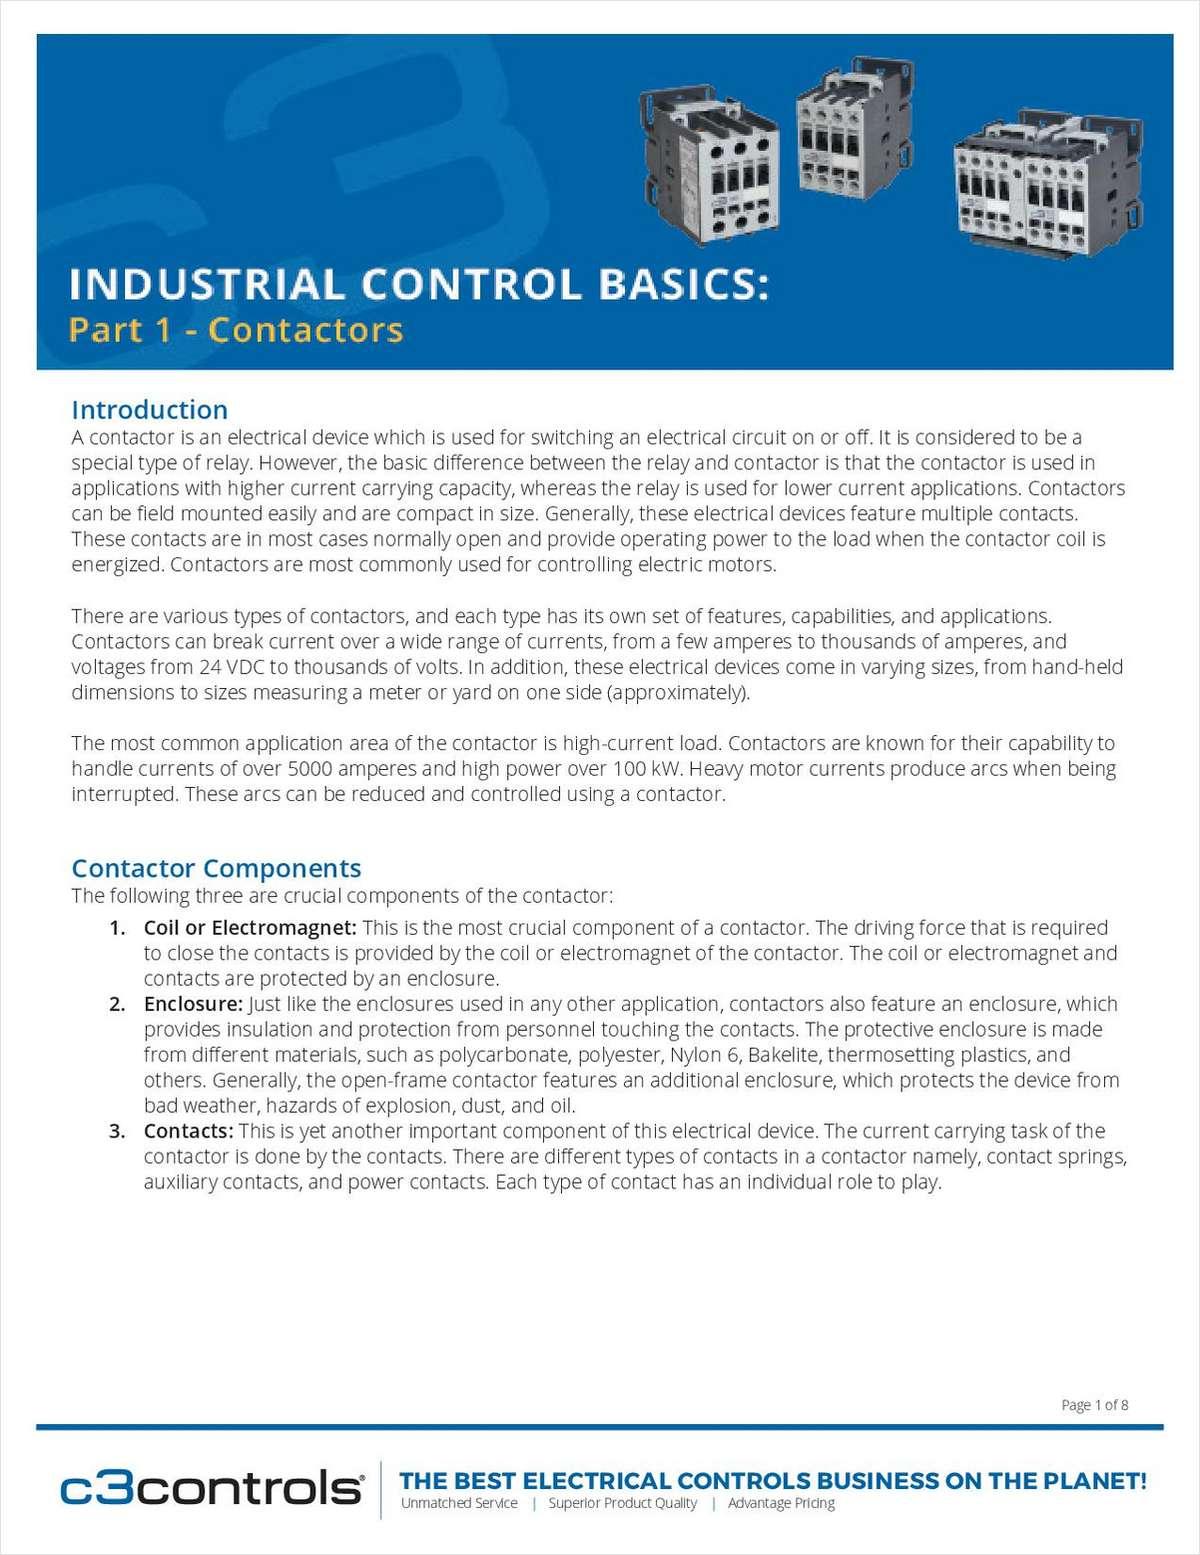 Industrial Control Basics: Contactors, Free Engineering com